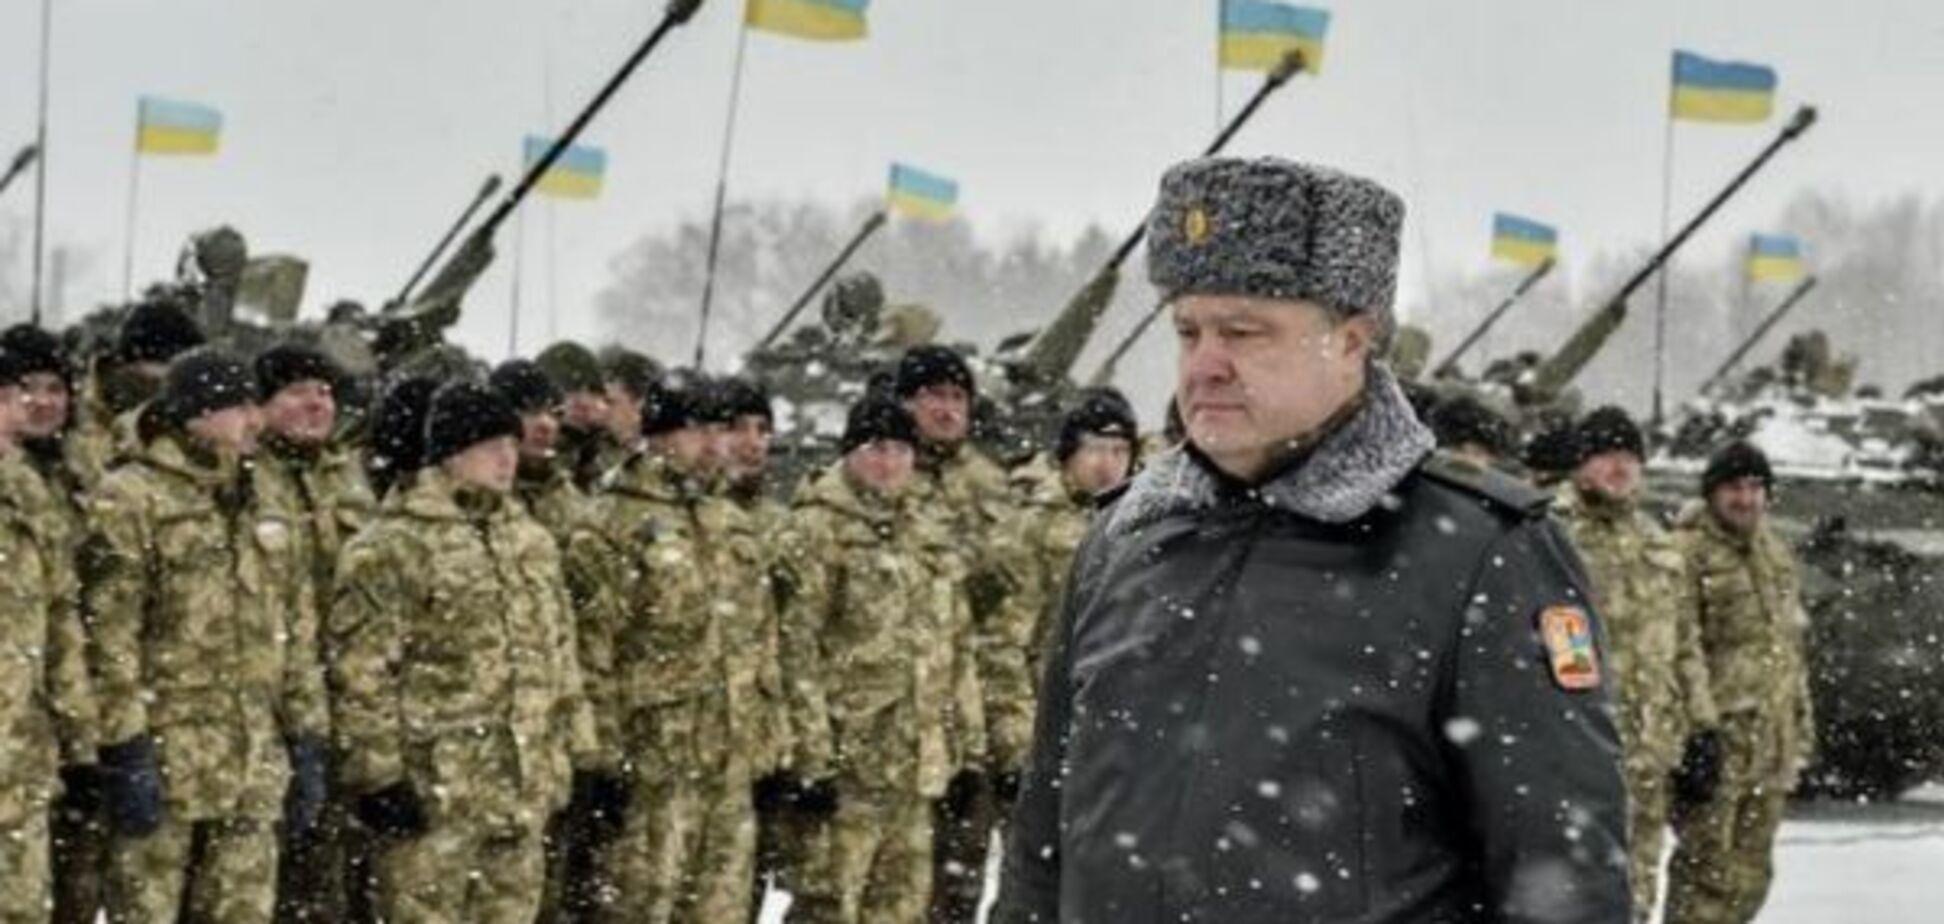 ''Вдруге шанс упускати не можна'': названо плюси введення воєнного стану в Україні